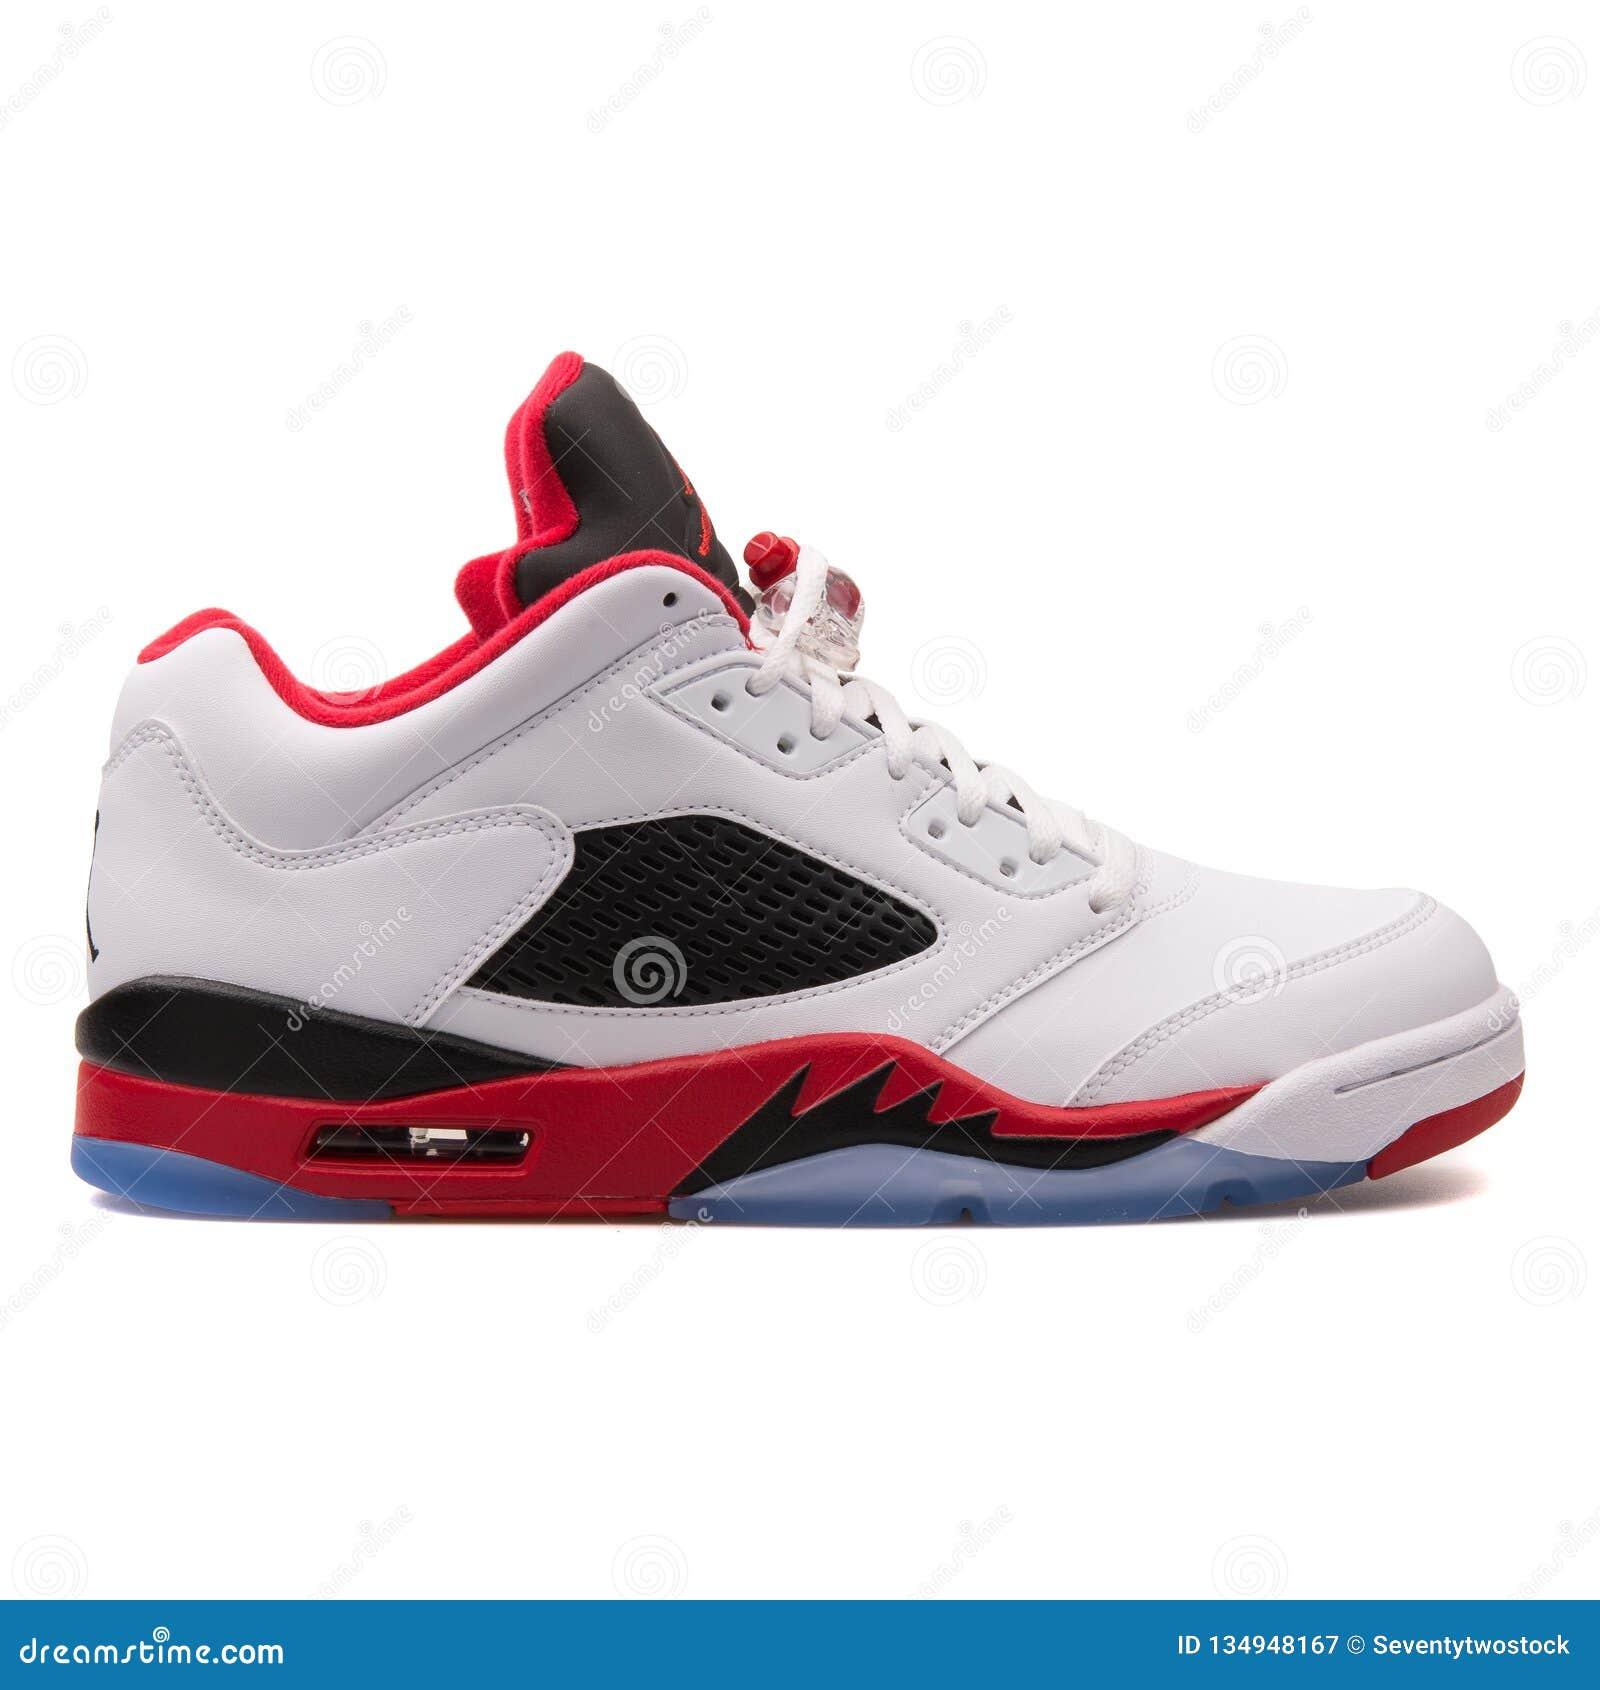 llamar Crítica detective  Nike Air Jordan 5 Zapatillas De Deporte Blancas, Negras Y Rojas Bajas  Retras Fotografía editorial - Imagen de zapatillas, bajas: 134948167